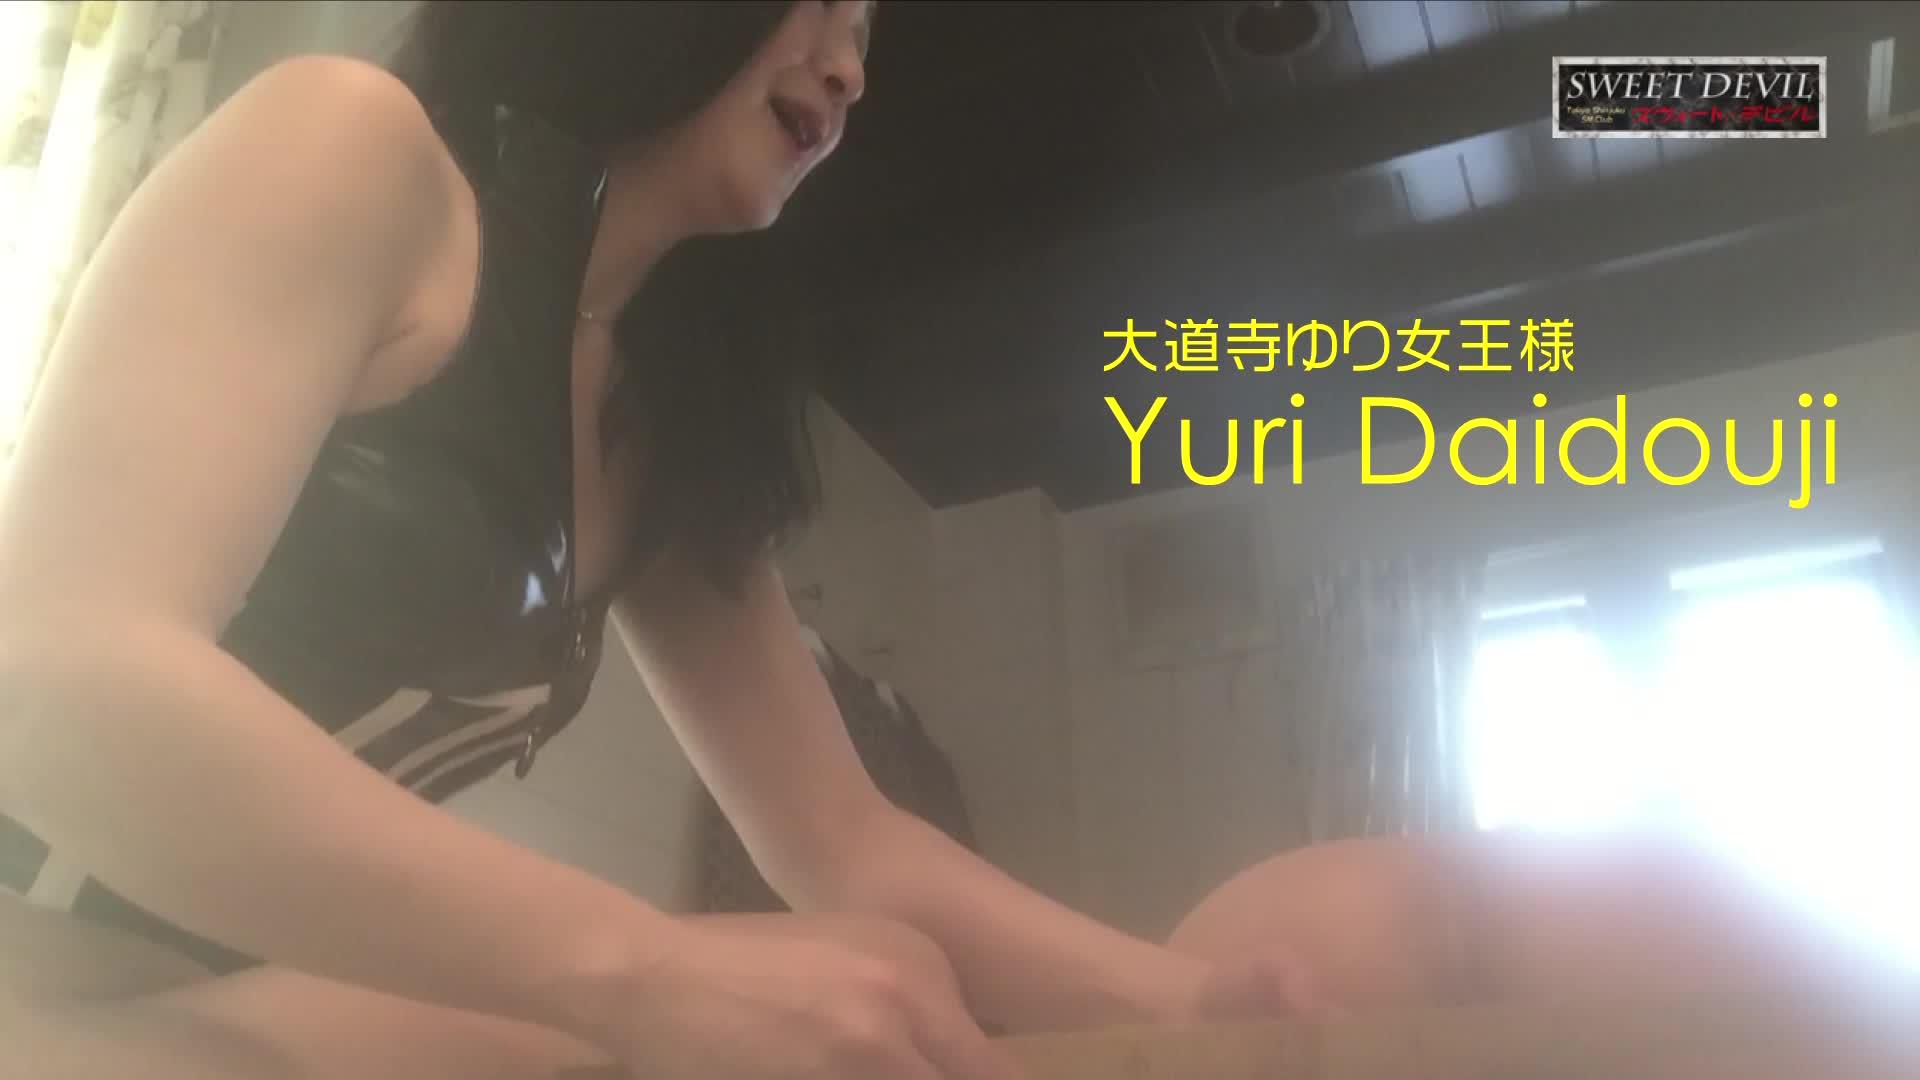 大道寺ゆり女王様@お尻ペンペン竹ものさし~絶叫系 Part.1